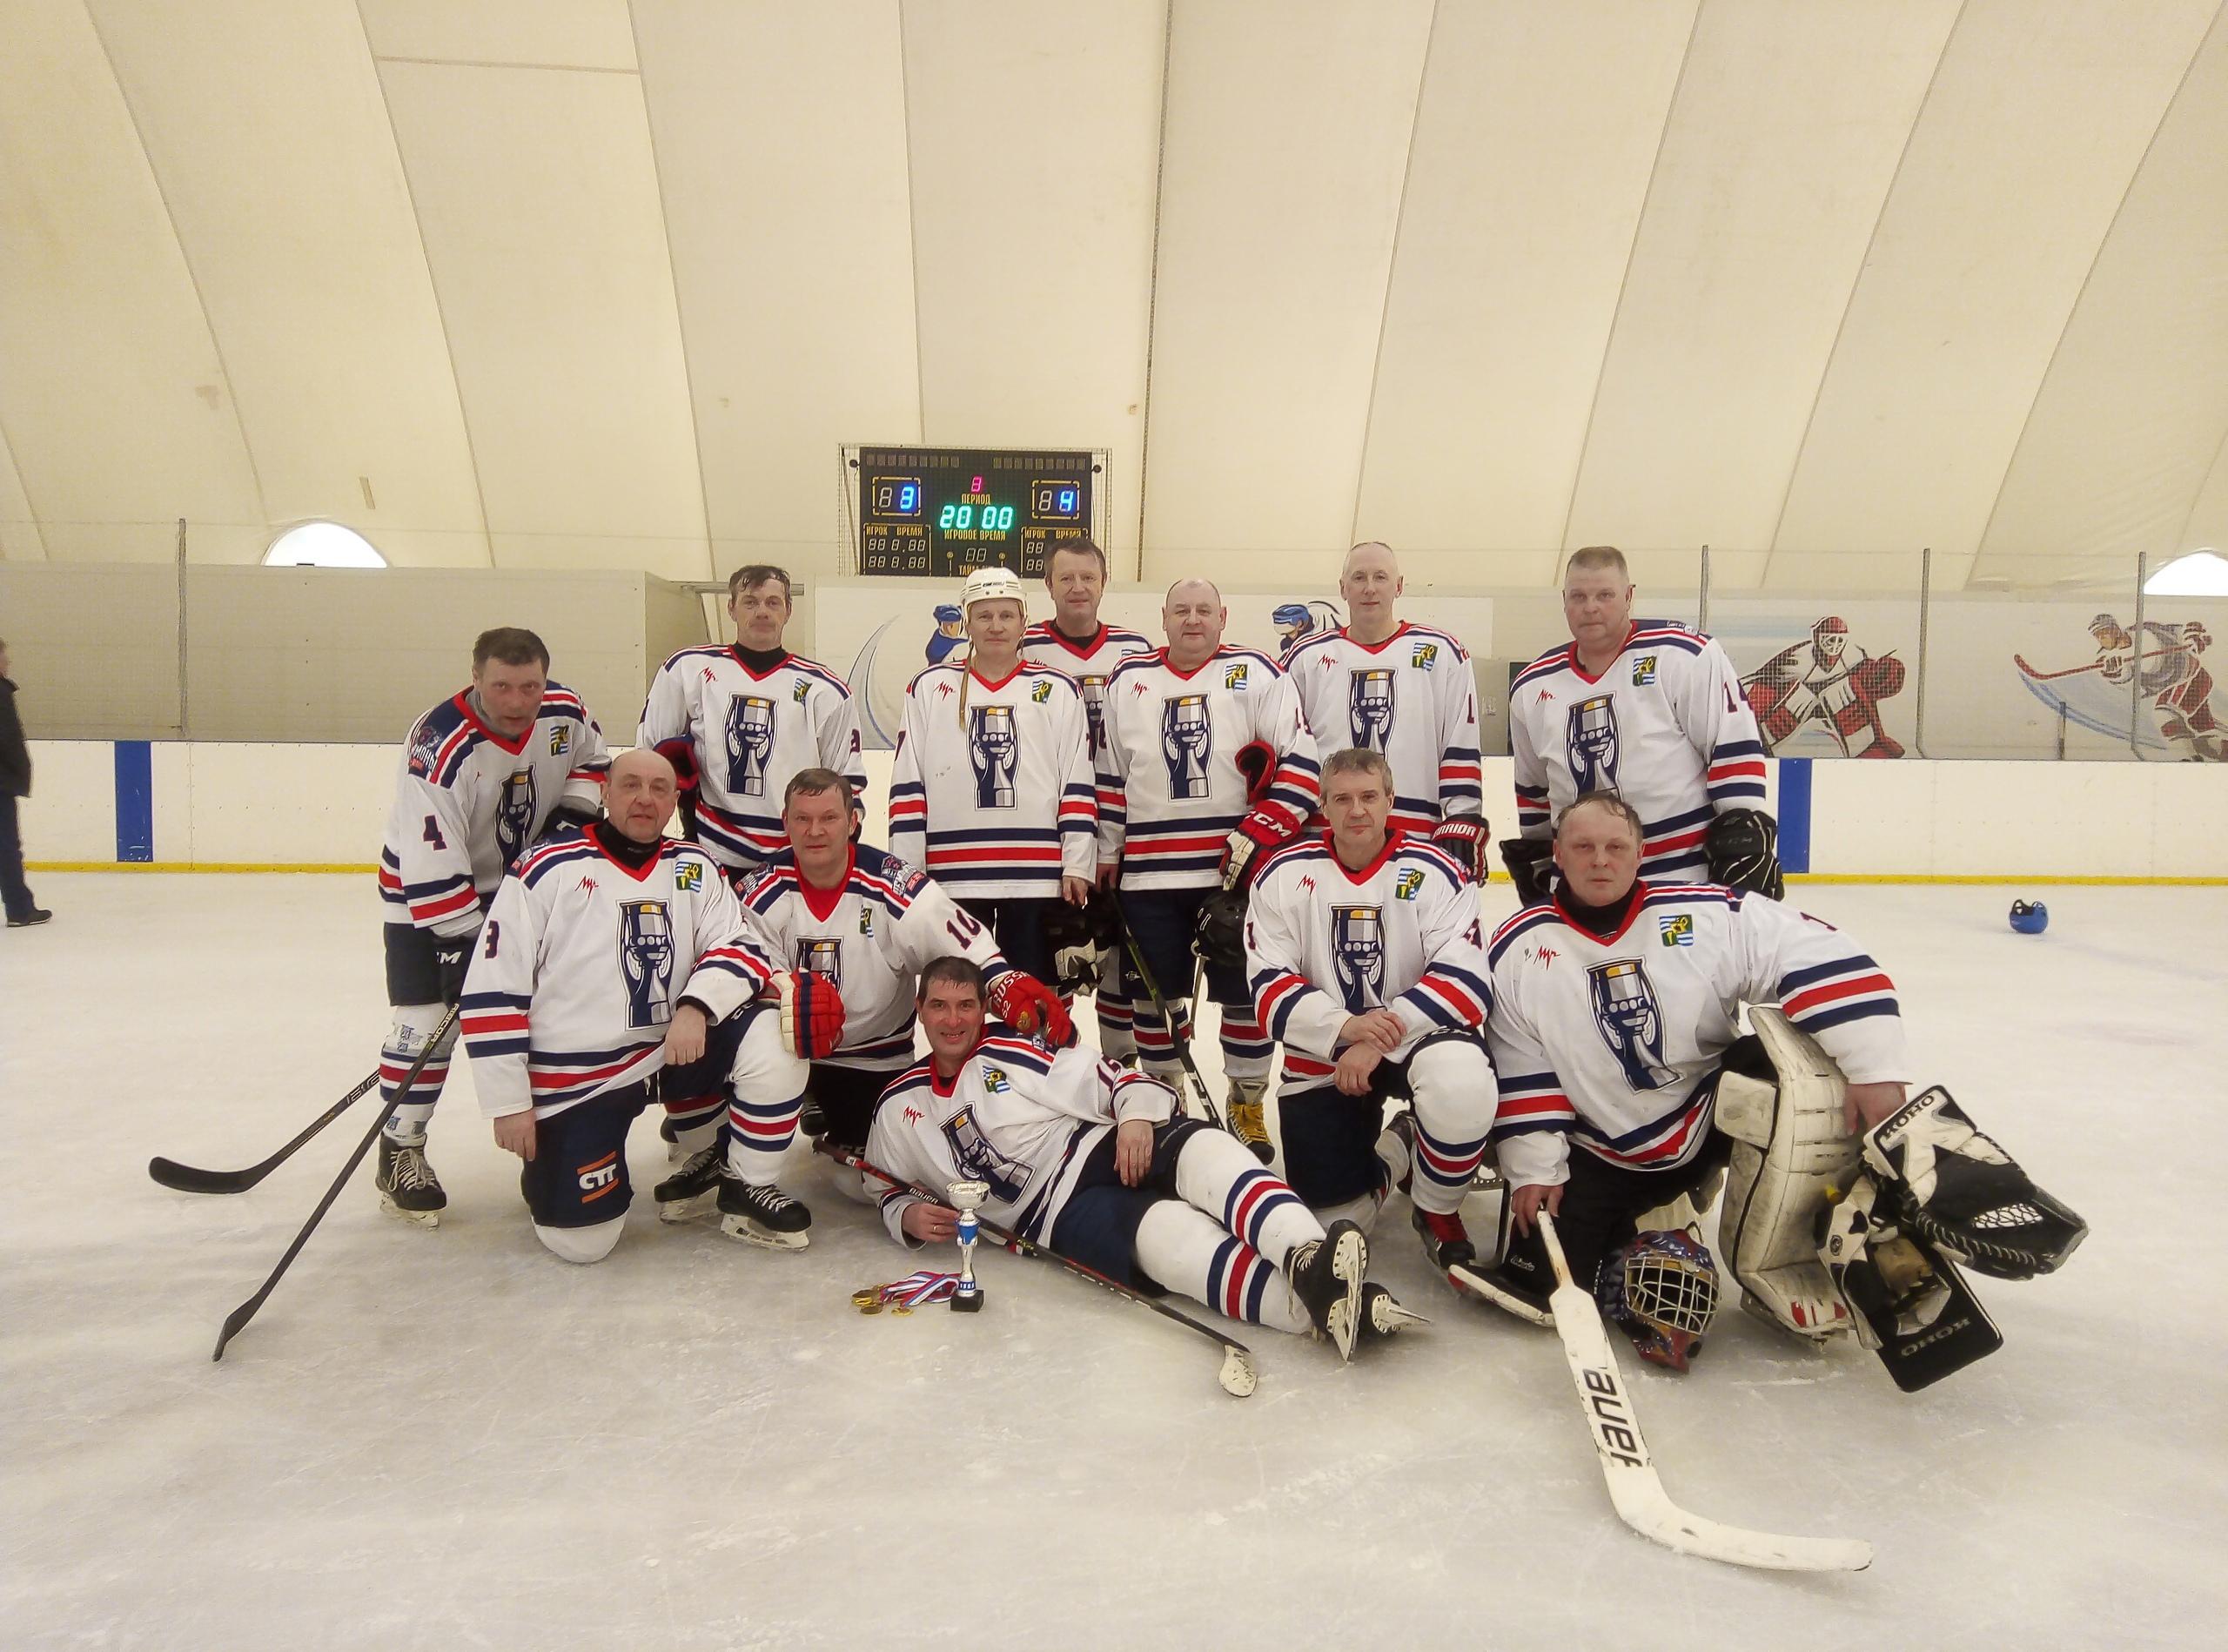 С сентября 2020 г. по март 2021 г. на ледовых аренах Московской области проходили игры Открытого первенства Юго-Востока Московской области по хоккею среди команд ветеранов категории 50+, сезон 2020-2021 г.г.